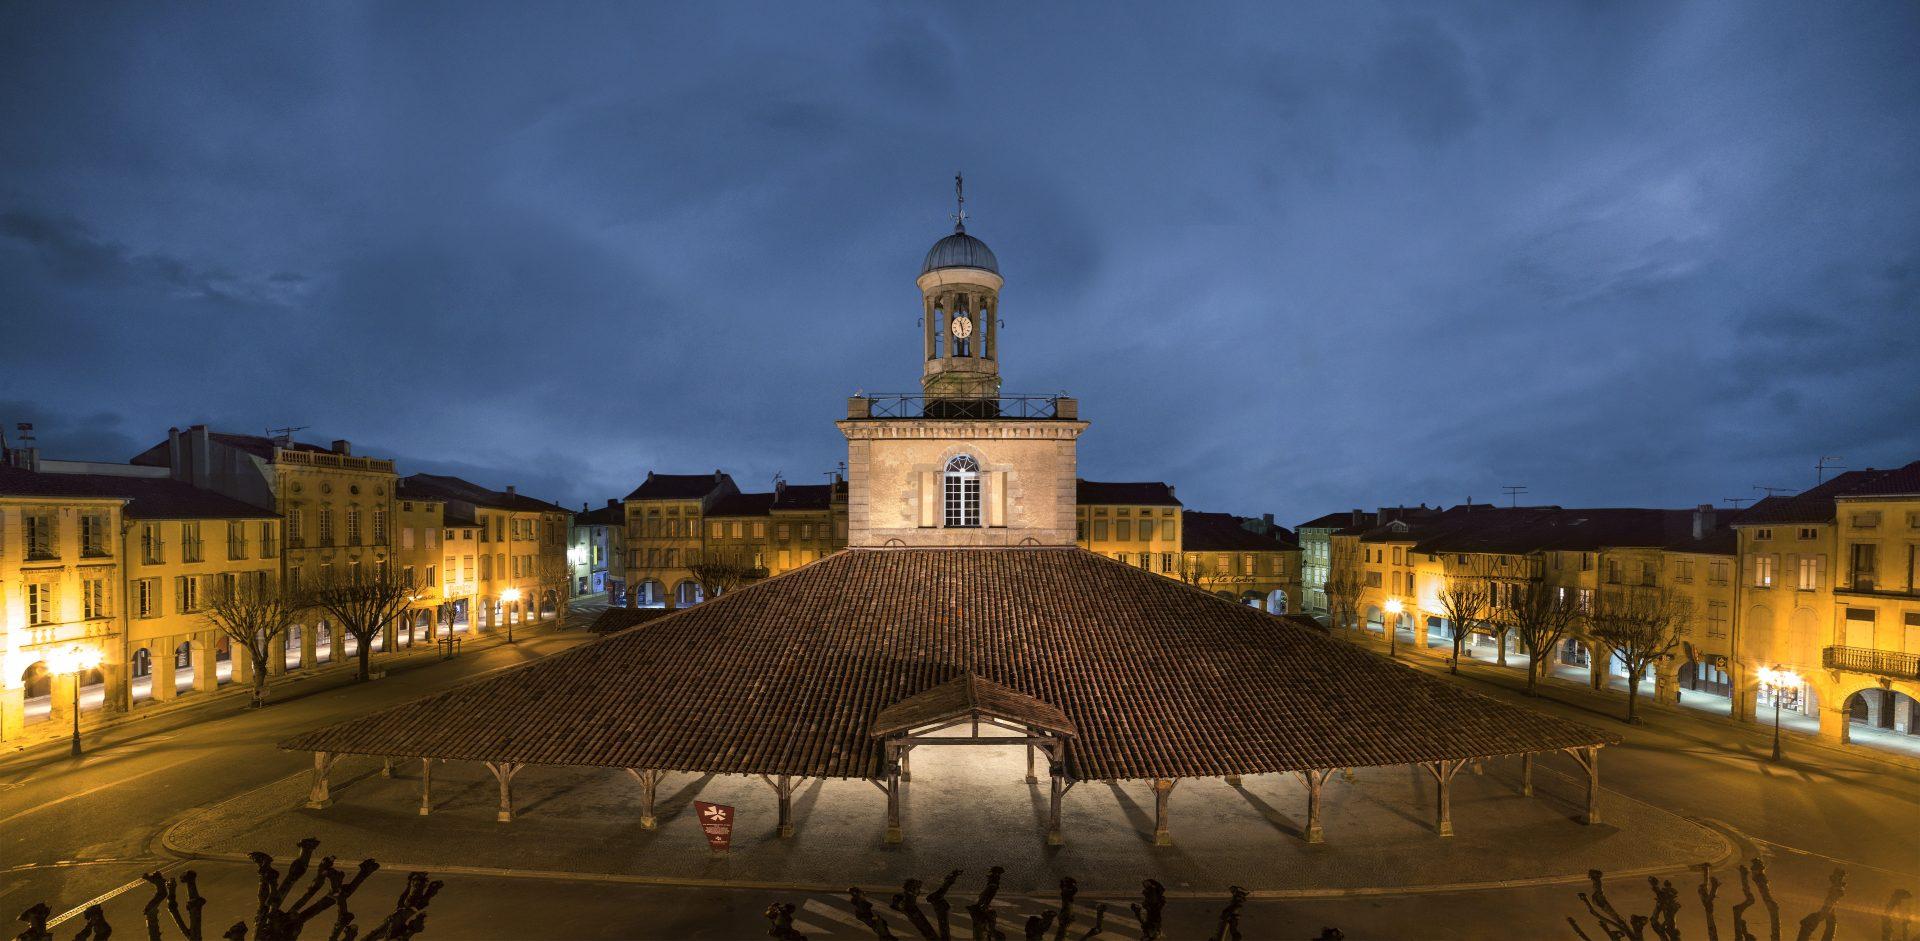 La Halle centrale et son beffroi de nuit - © Jean-Luc Sarda